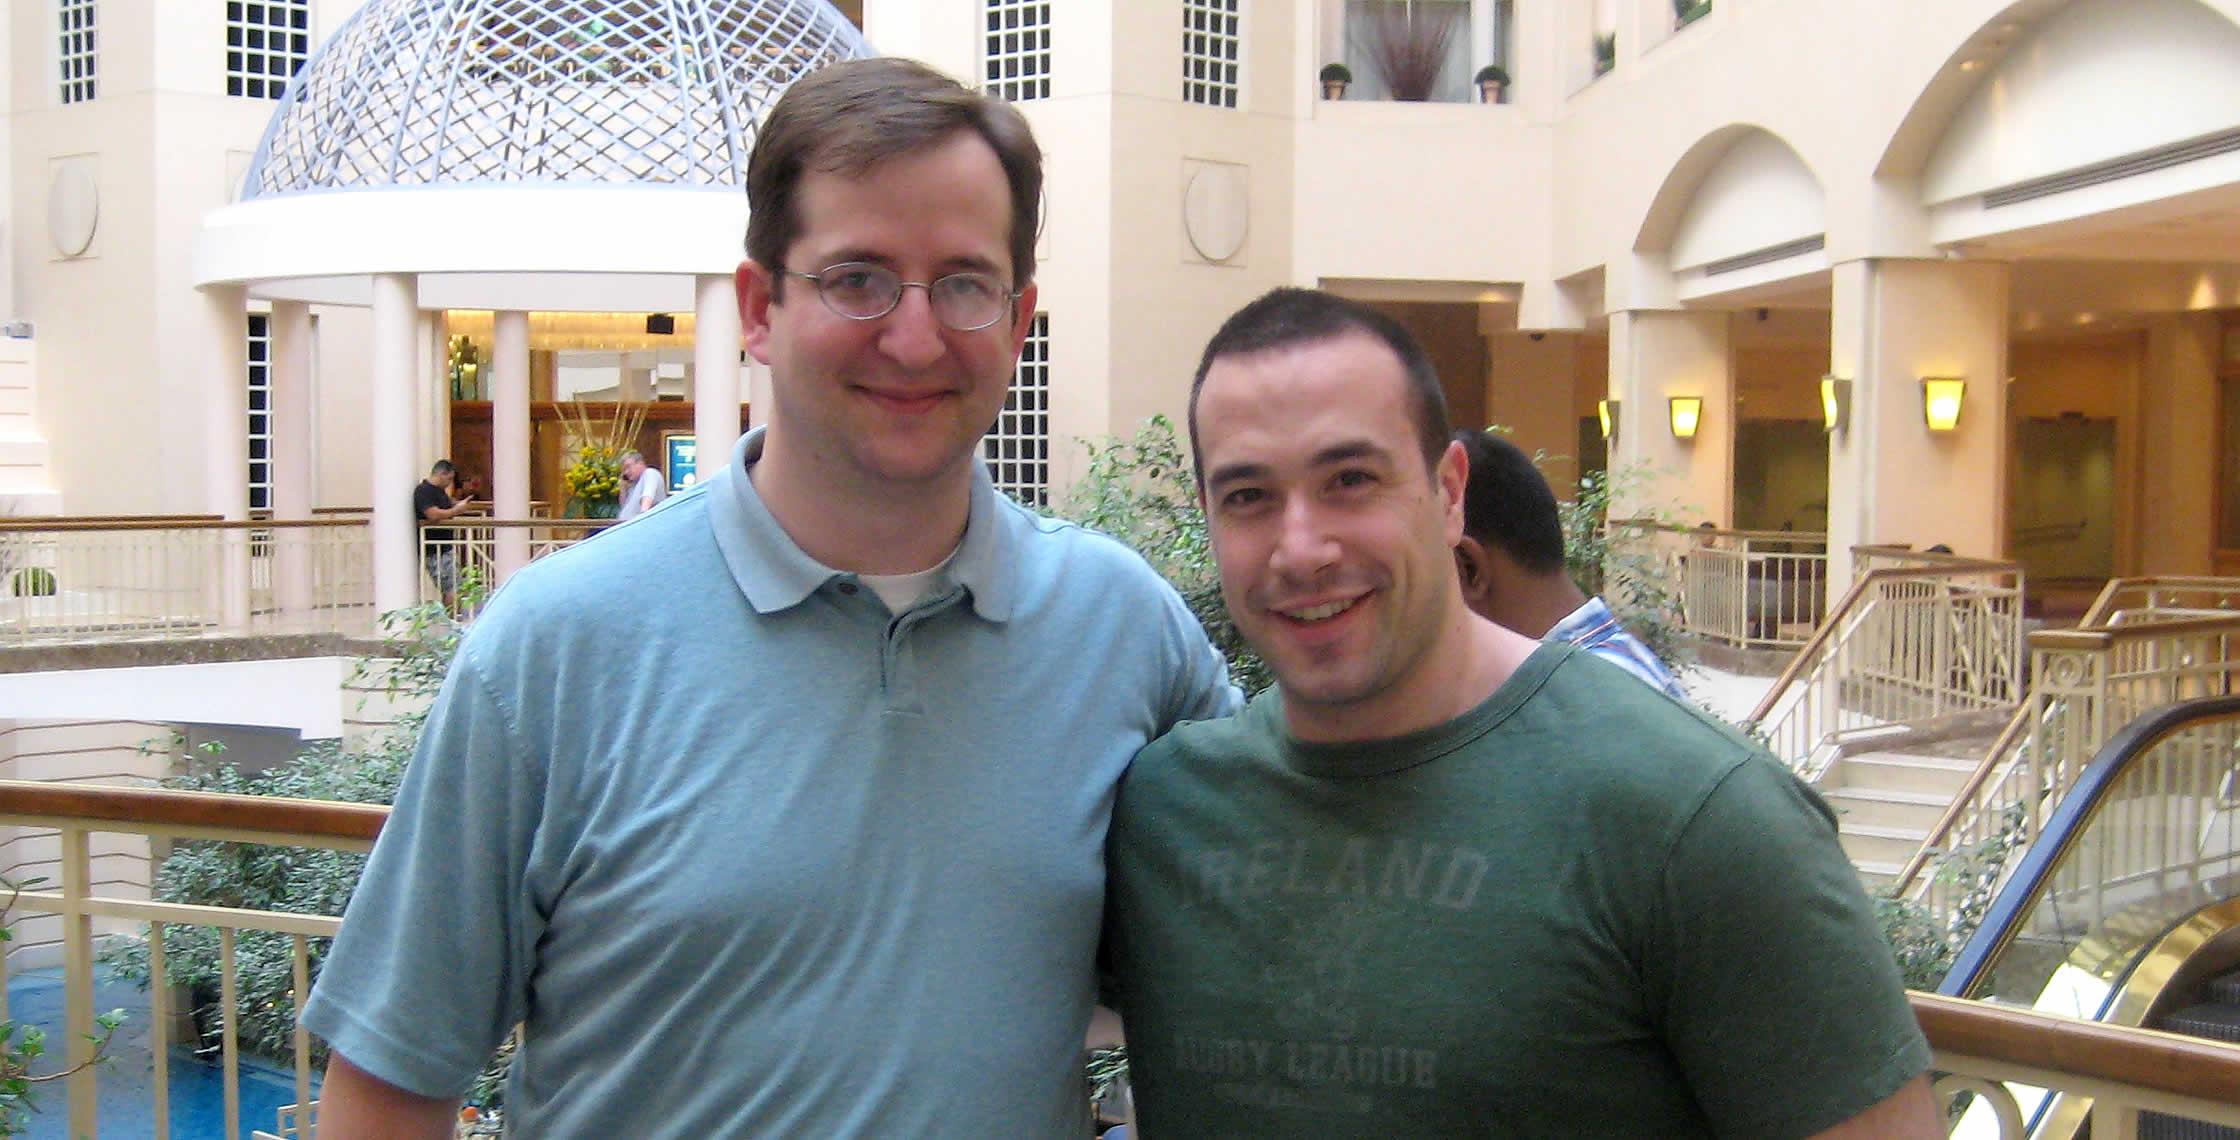 Ben Nadel at CFUNITED 2008 (Washington, D.C.) with: John Mason